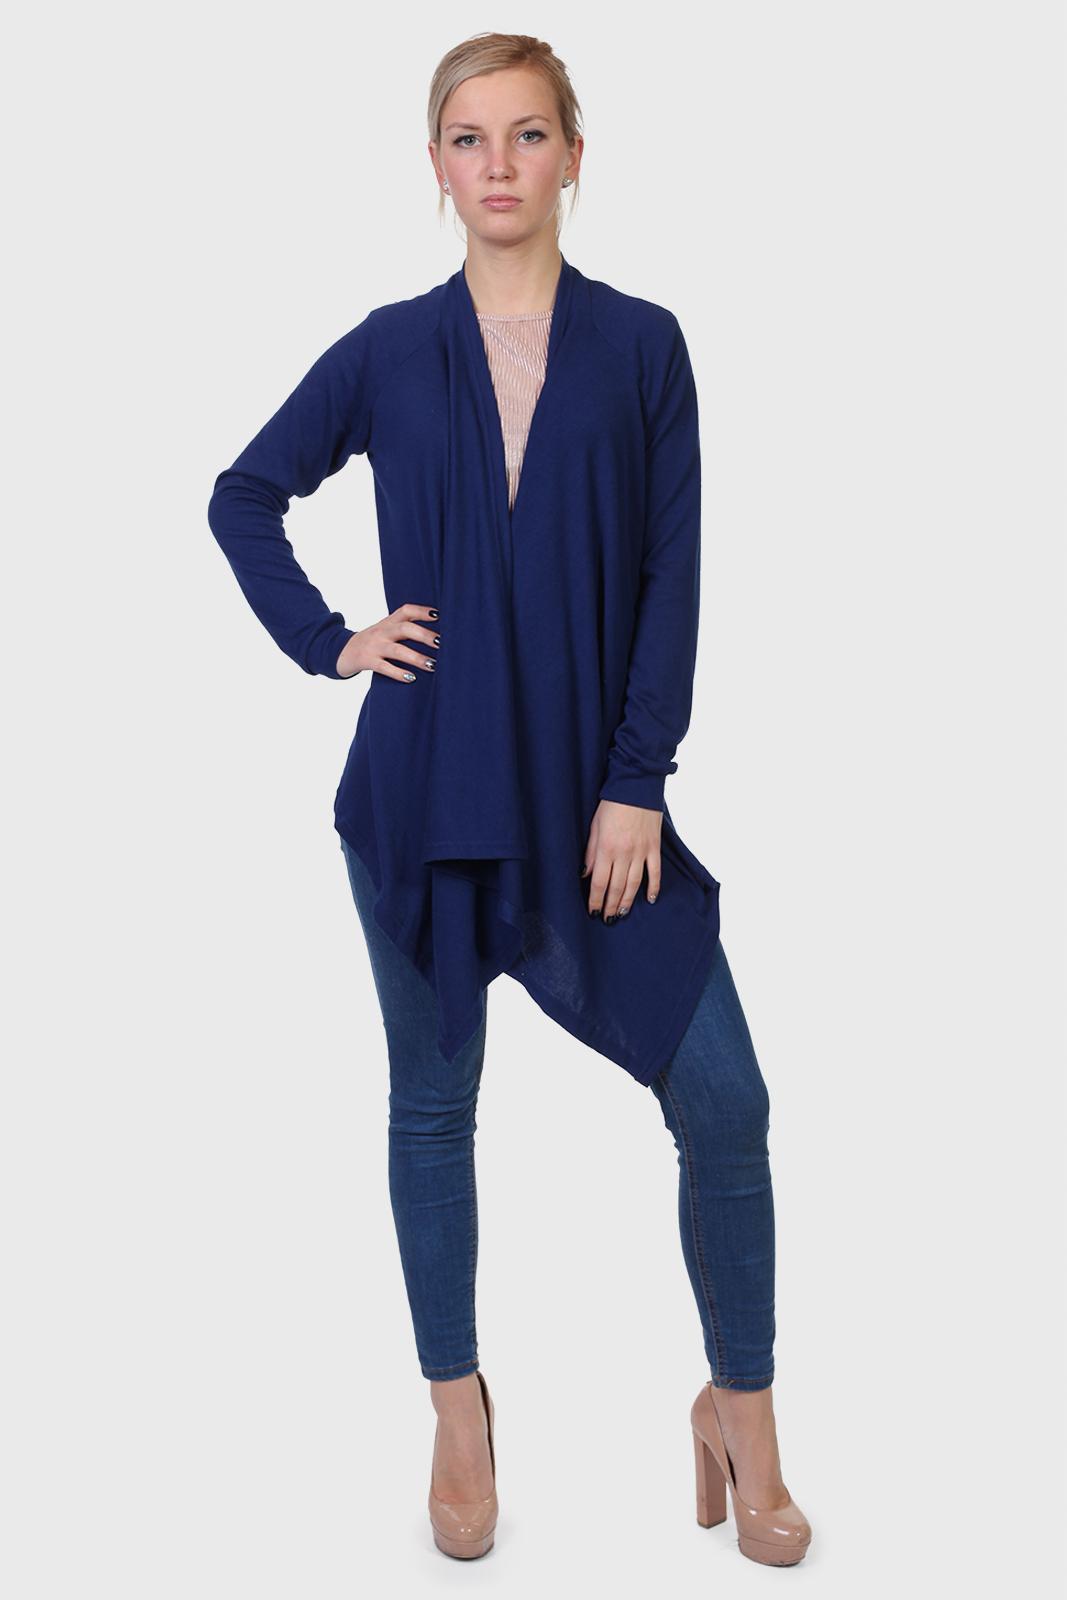 Синяя кофта туника от бренда Color